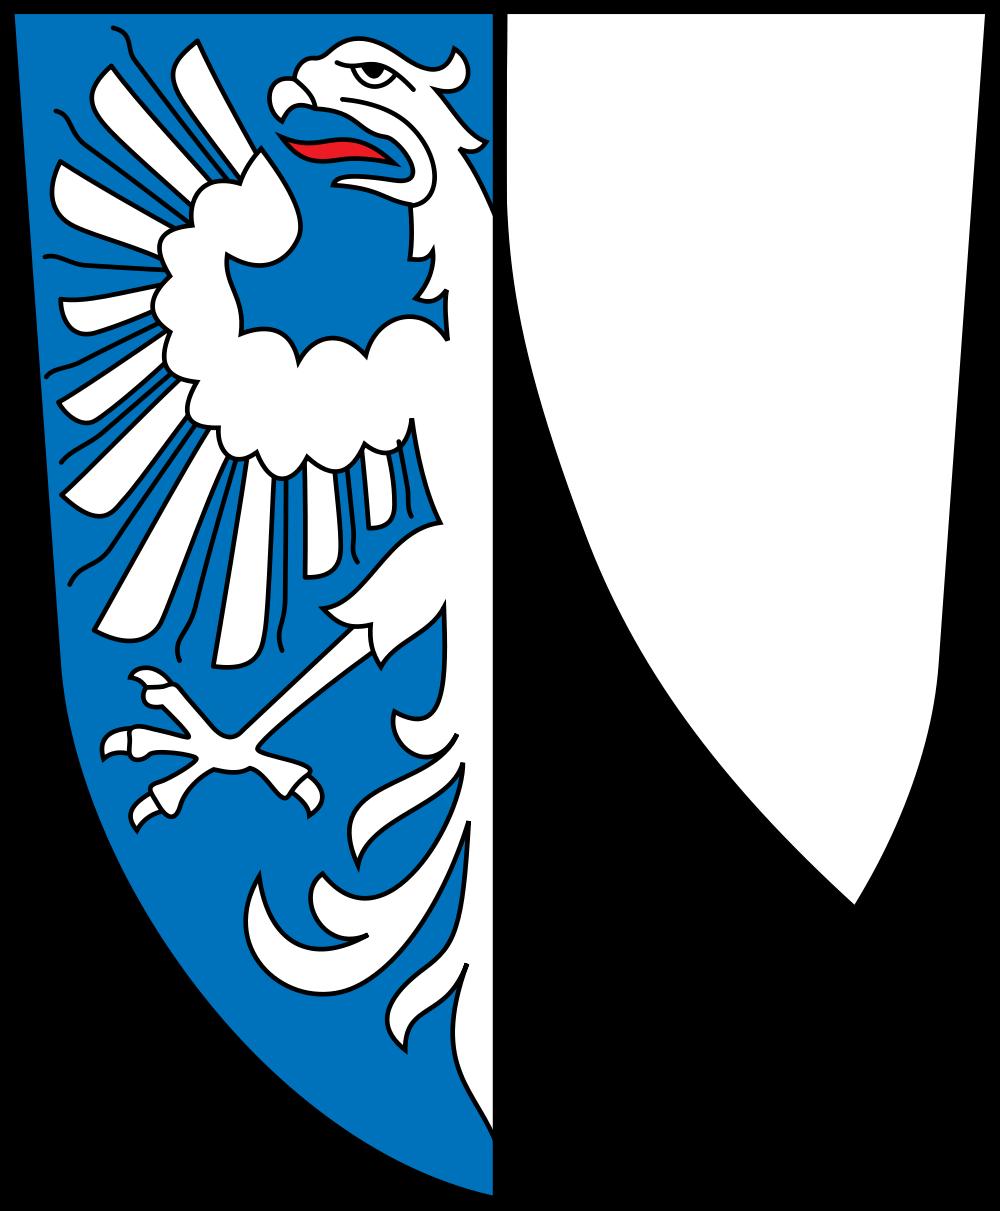 File:Gemeindewappen Eslohe (Sauerland).svg.